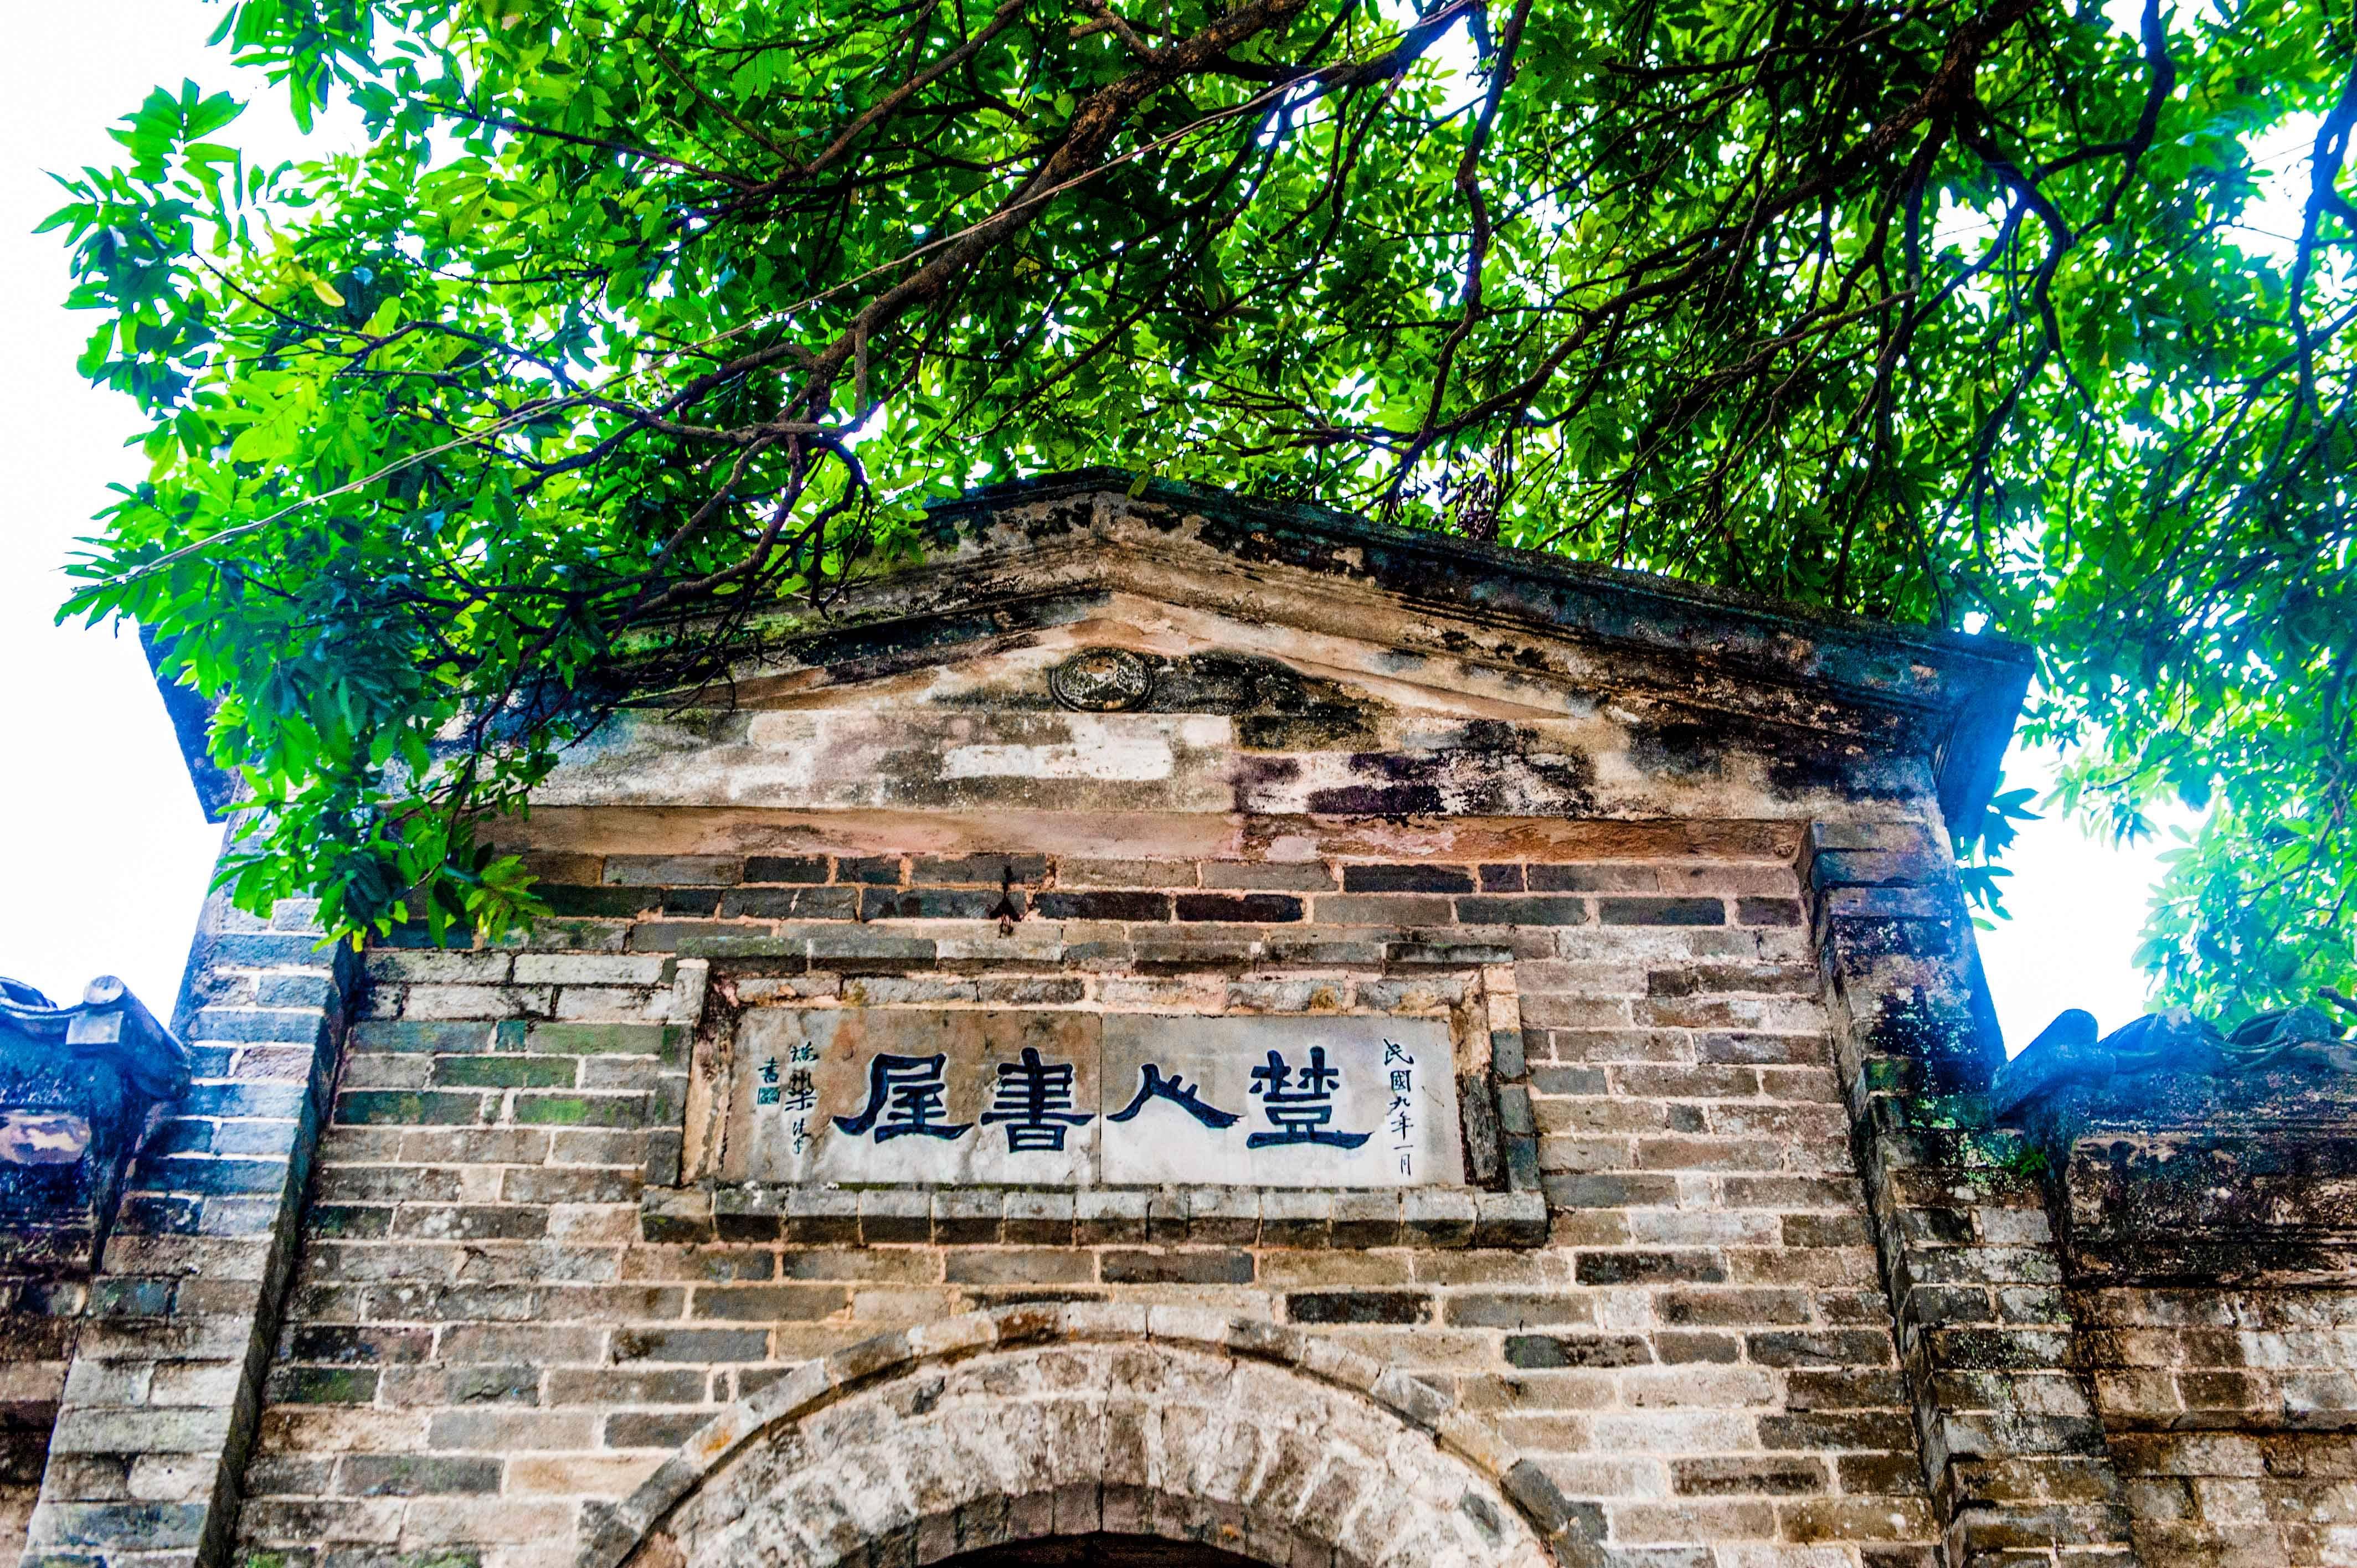 广西藏了个避世的园林,是中国四大私人庄园之一,充满了诗情画意